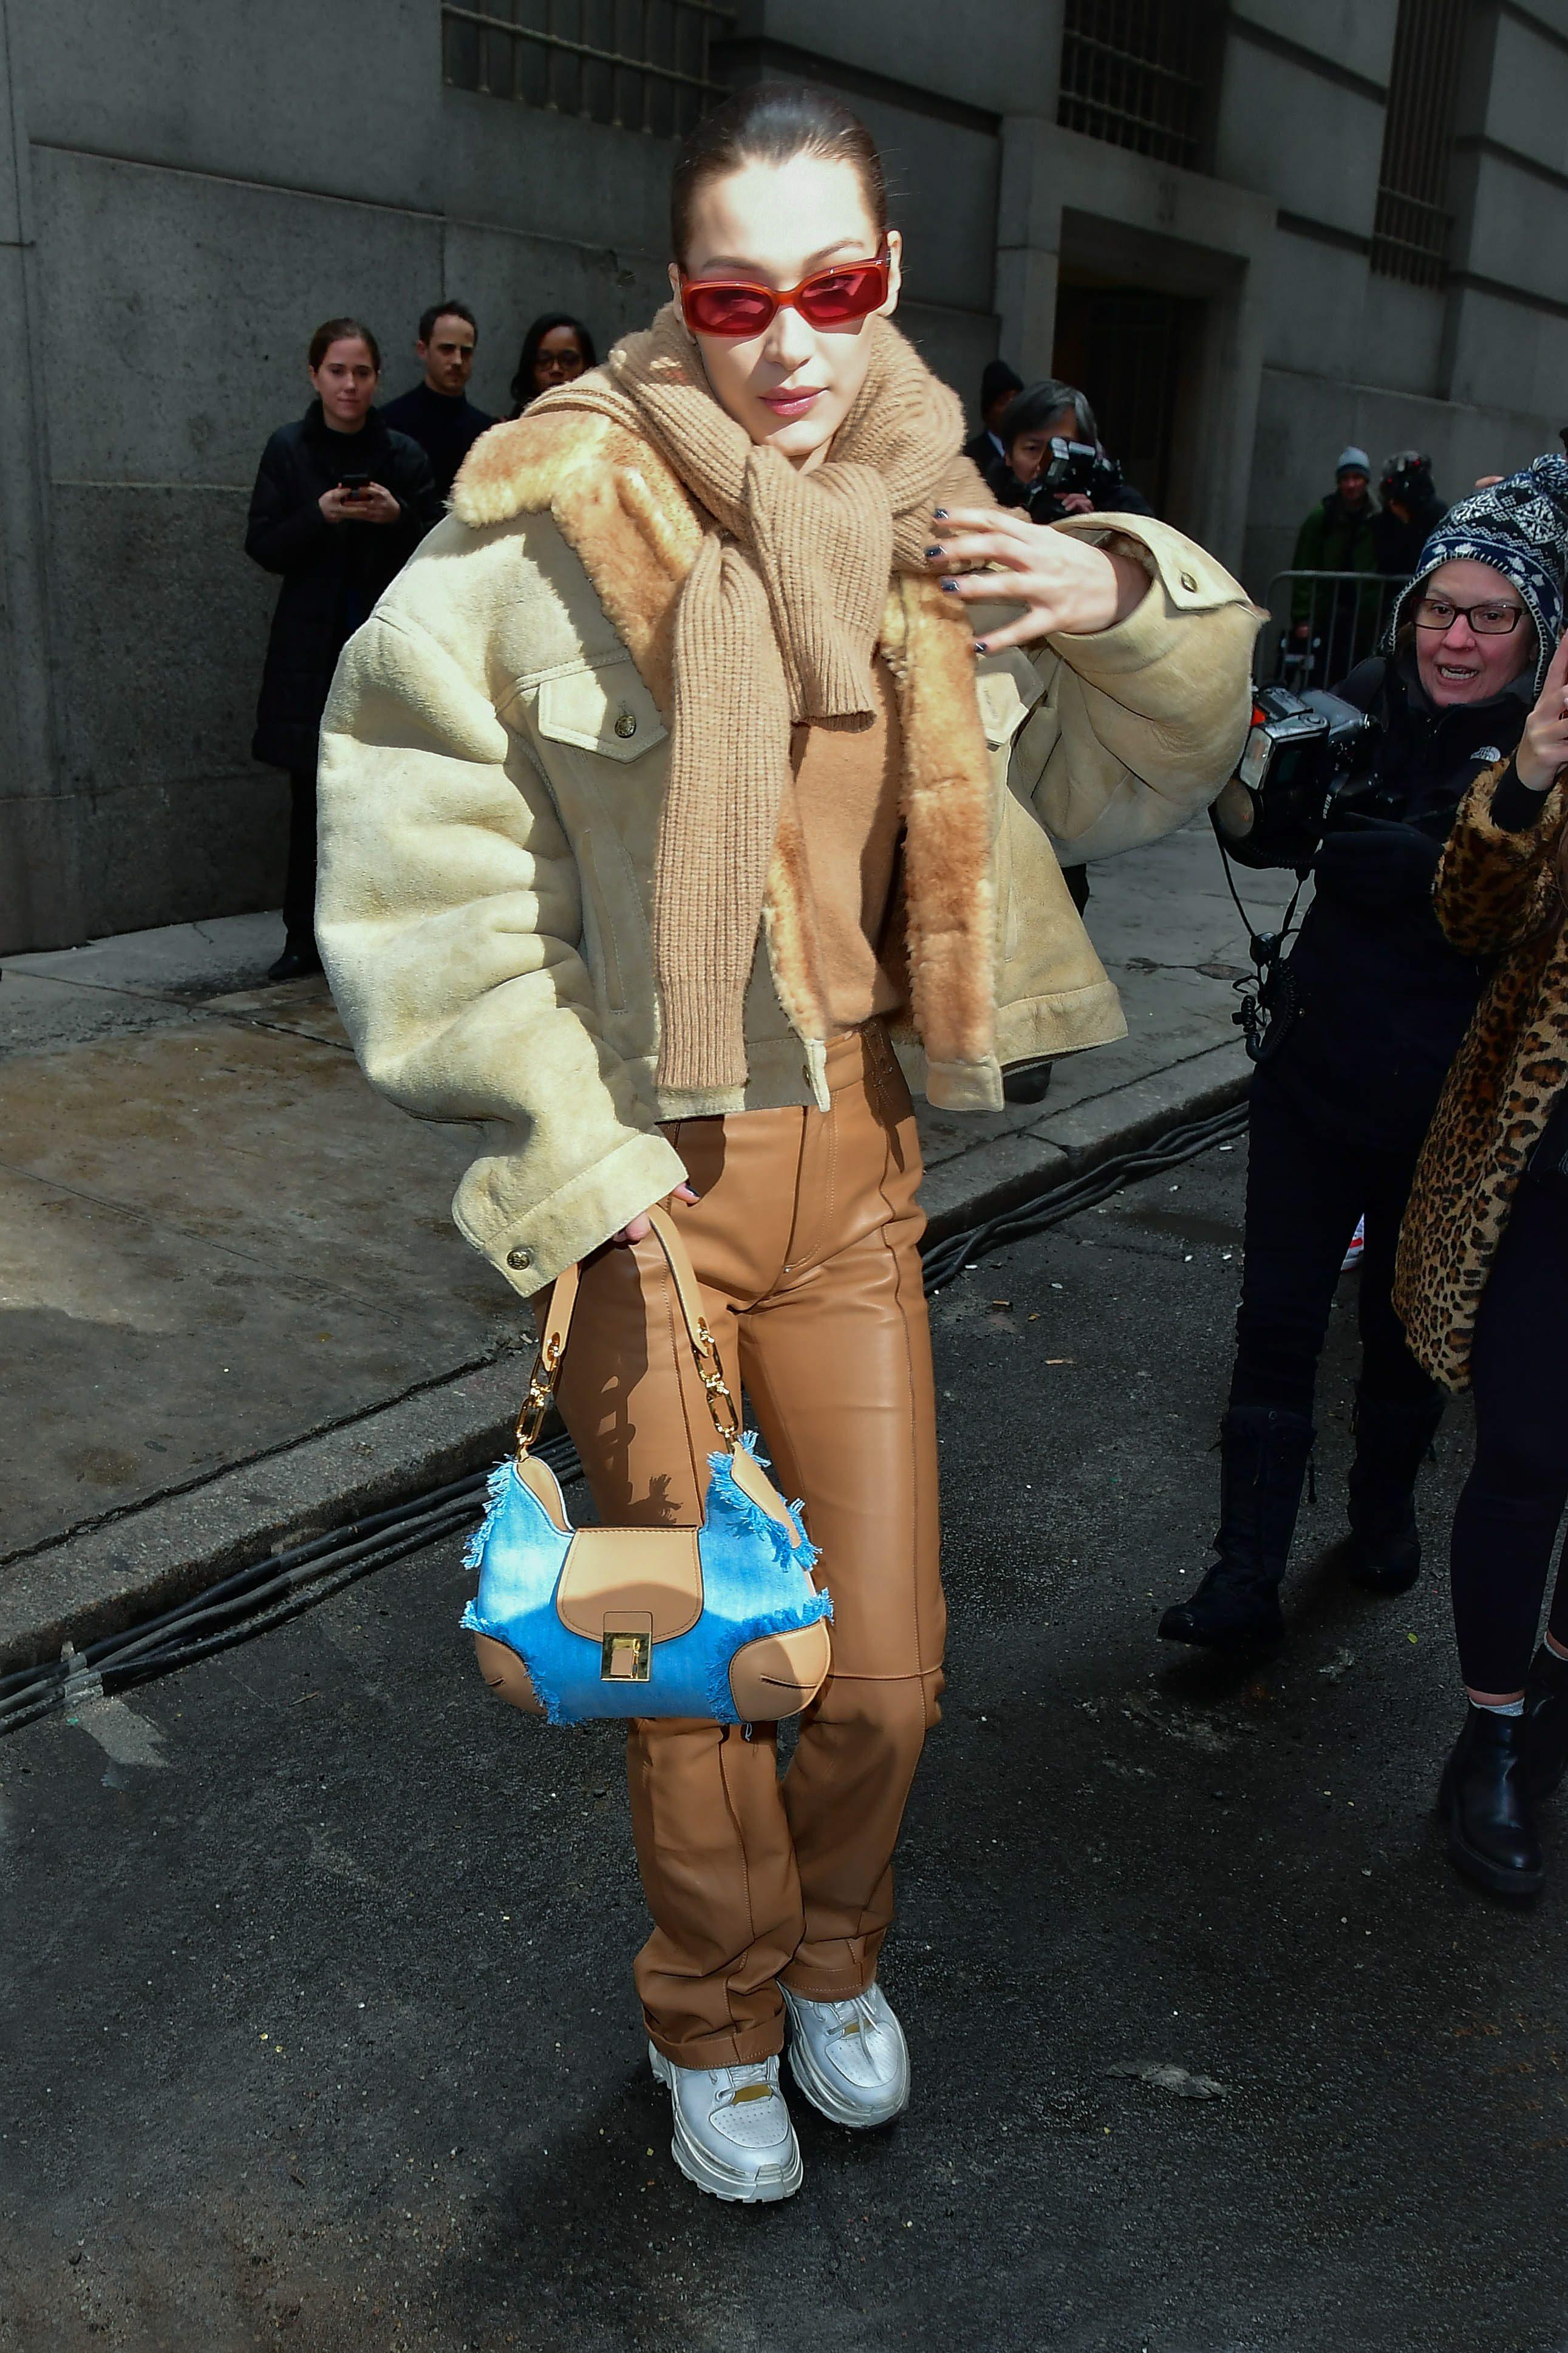 Siostry Hadid znów zaskakują stylizacją. One wiedzą, jak śledzić trendy